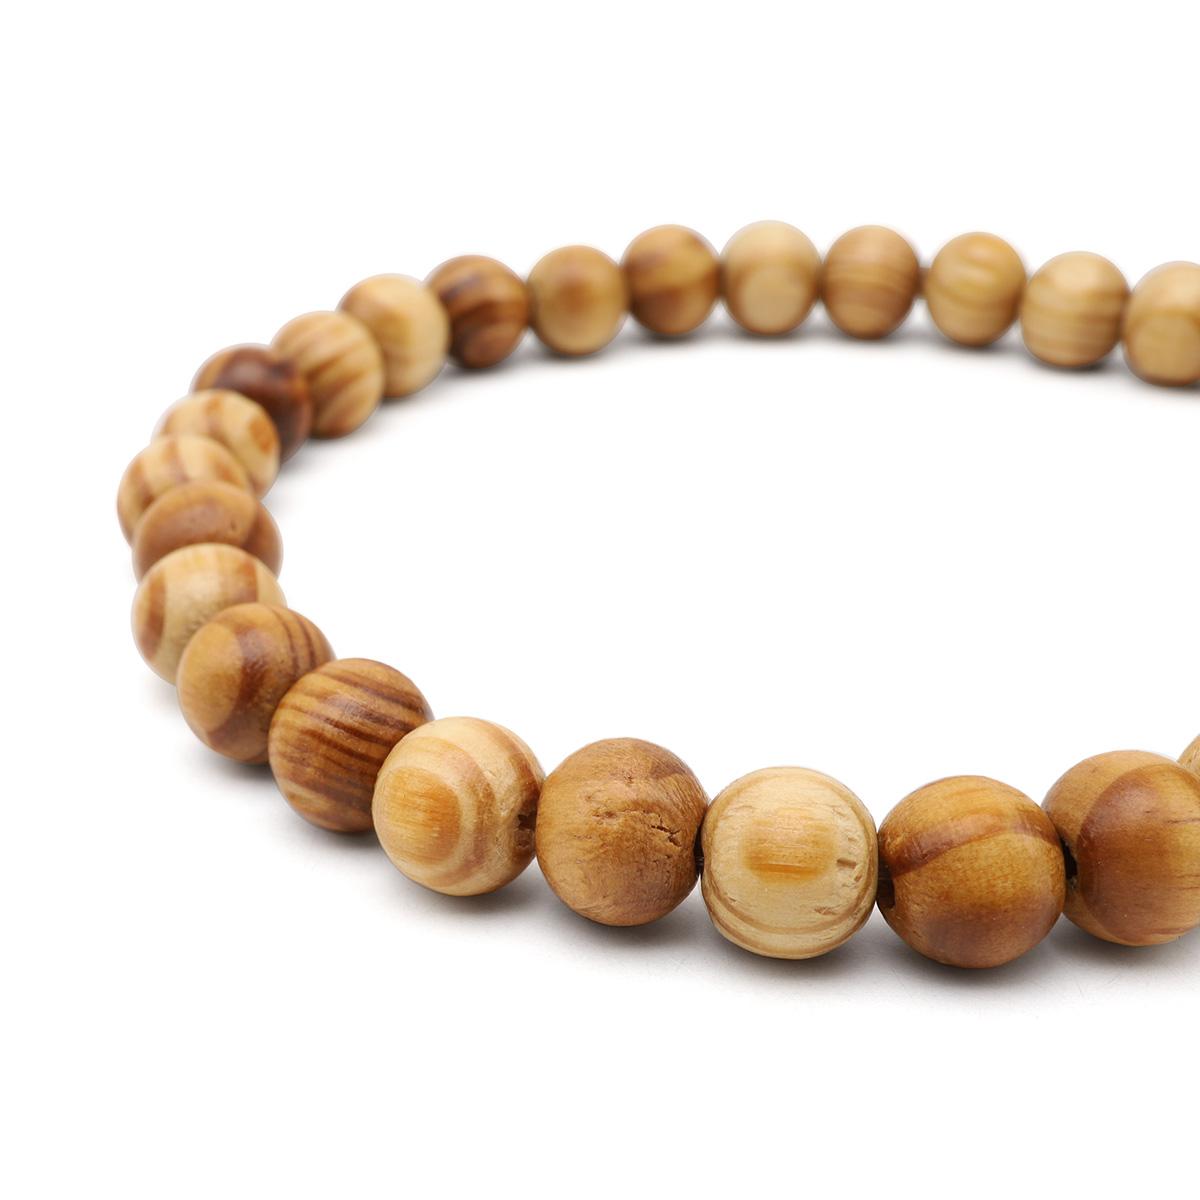 WDB0019 Деревянные бусины, микс, 9*10 мм, упак./30 шт., 'Астра'